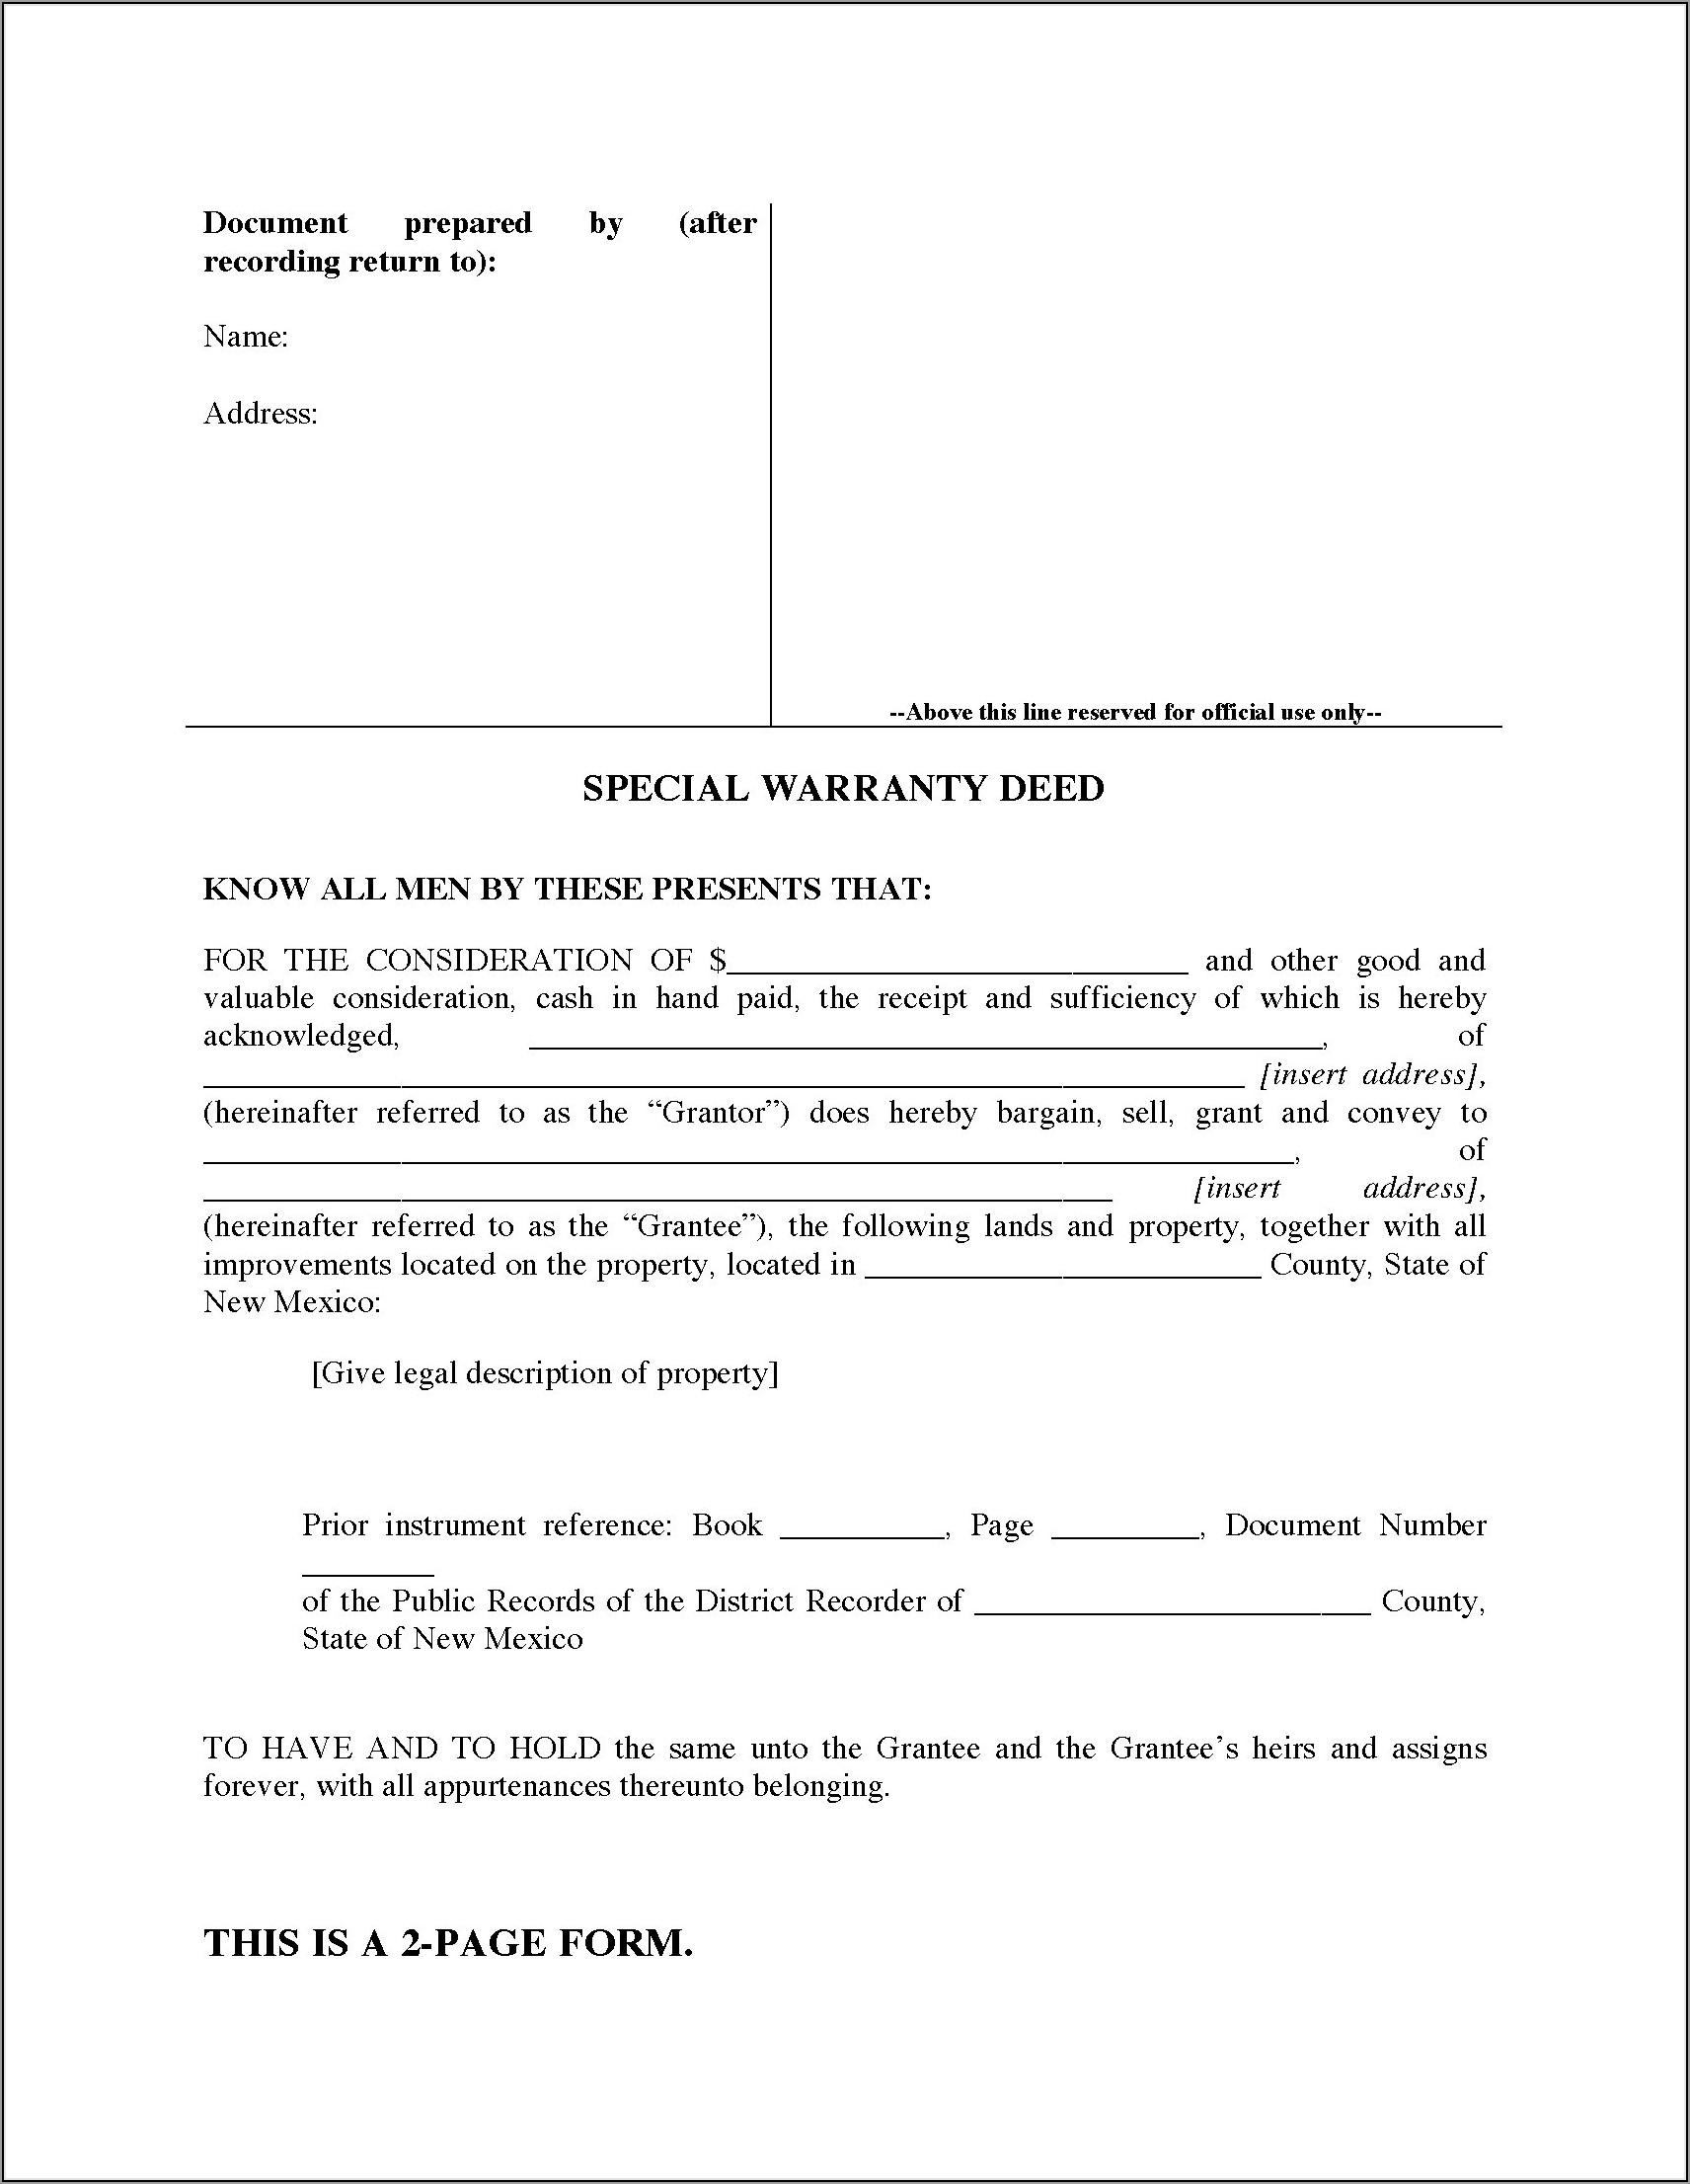 West Virginia Special Warranty Deed Form